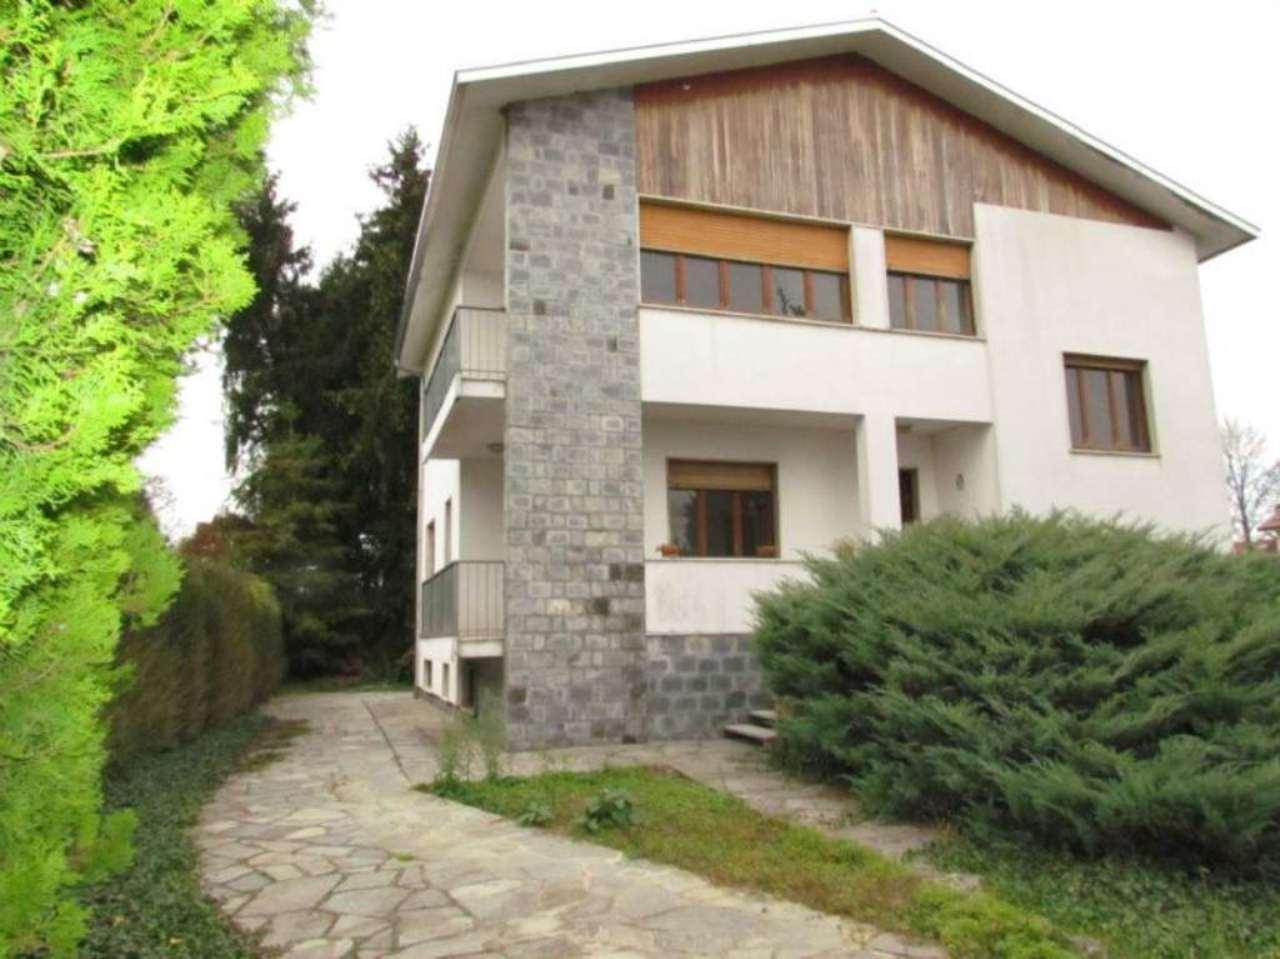 Villa in vendita a Locate Varesino, 8 locali, prezzo € 310.000 | Cambio Casa.it